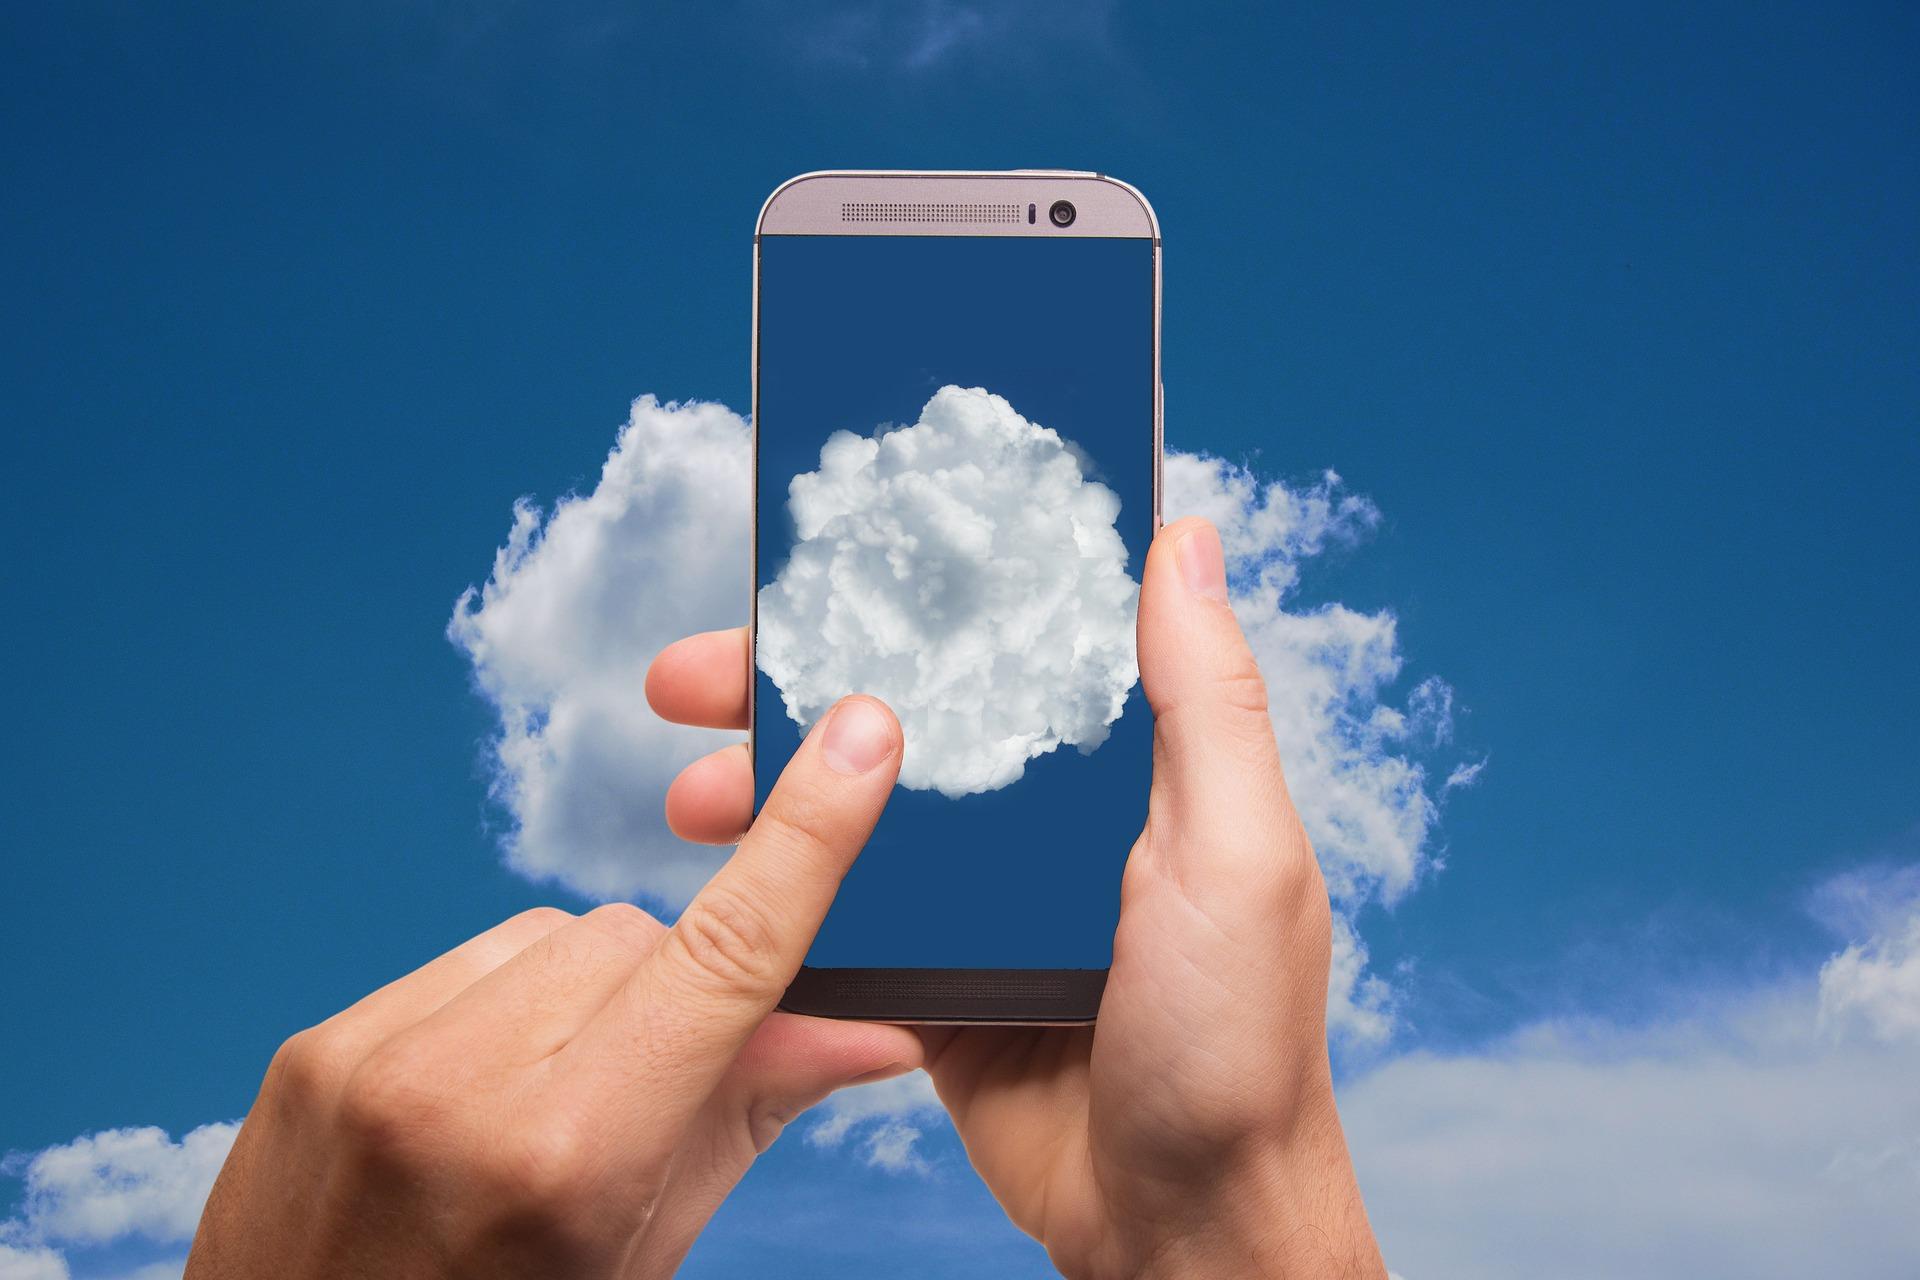 Аренда ресурсов облака: удобное и экономичное решение для создания облачной инфраструктуры